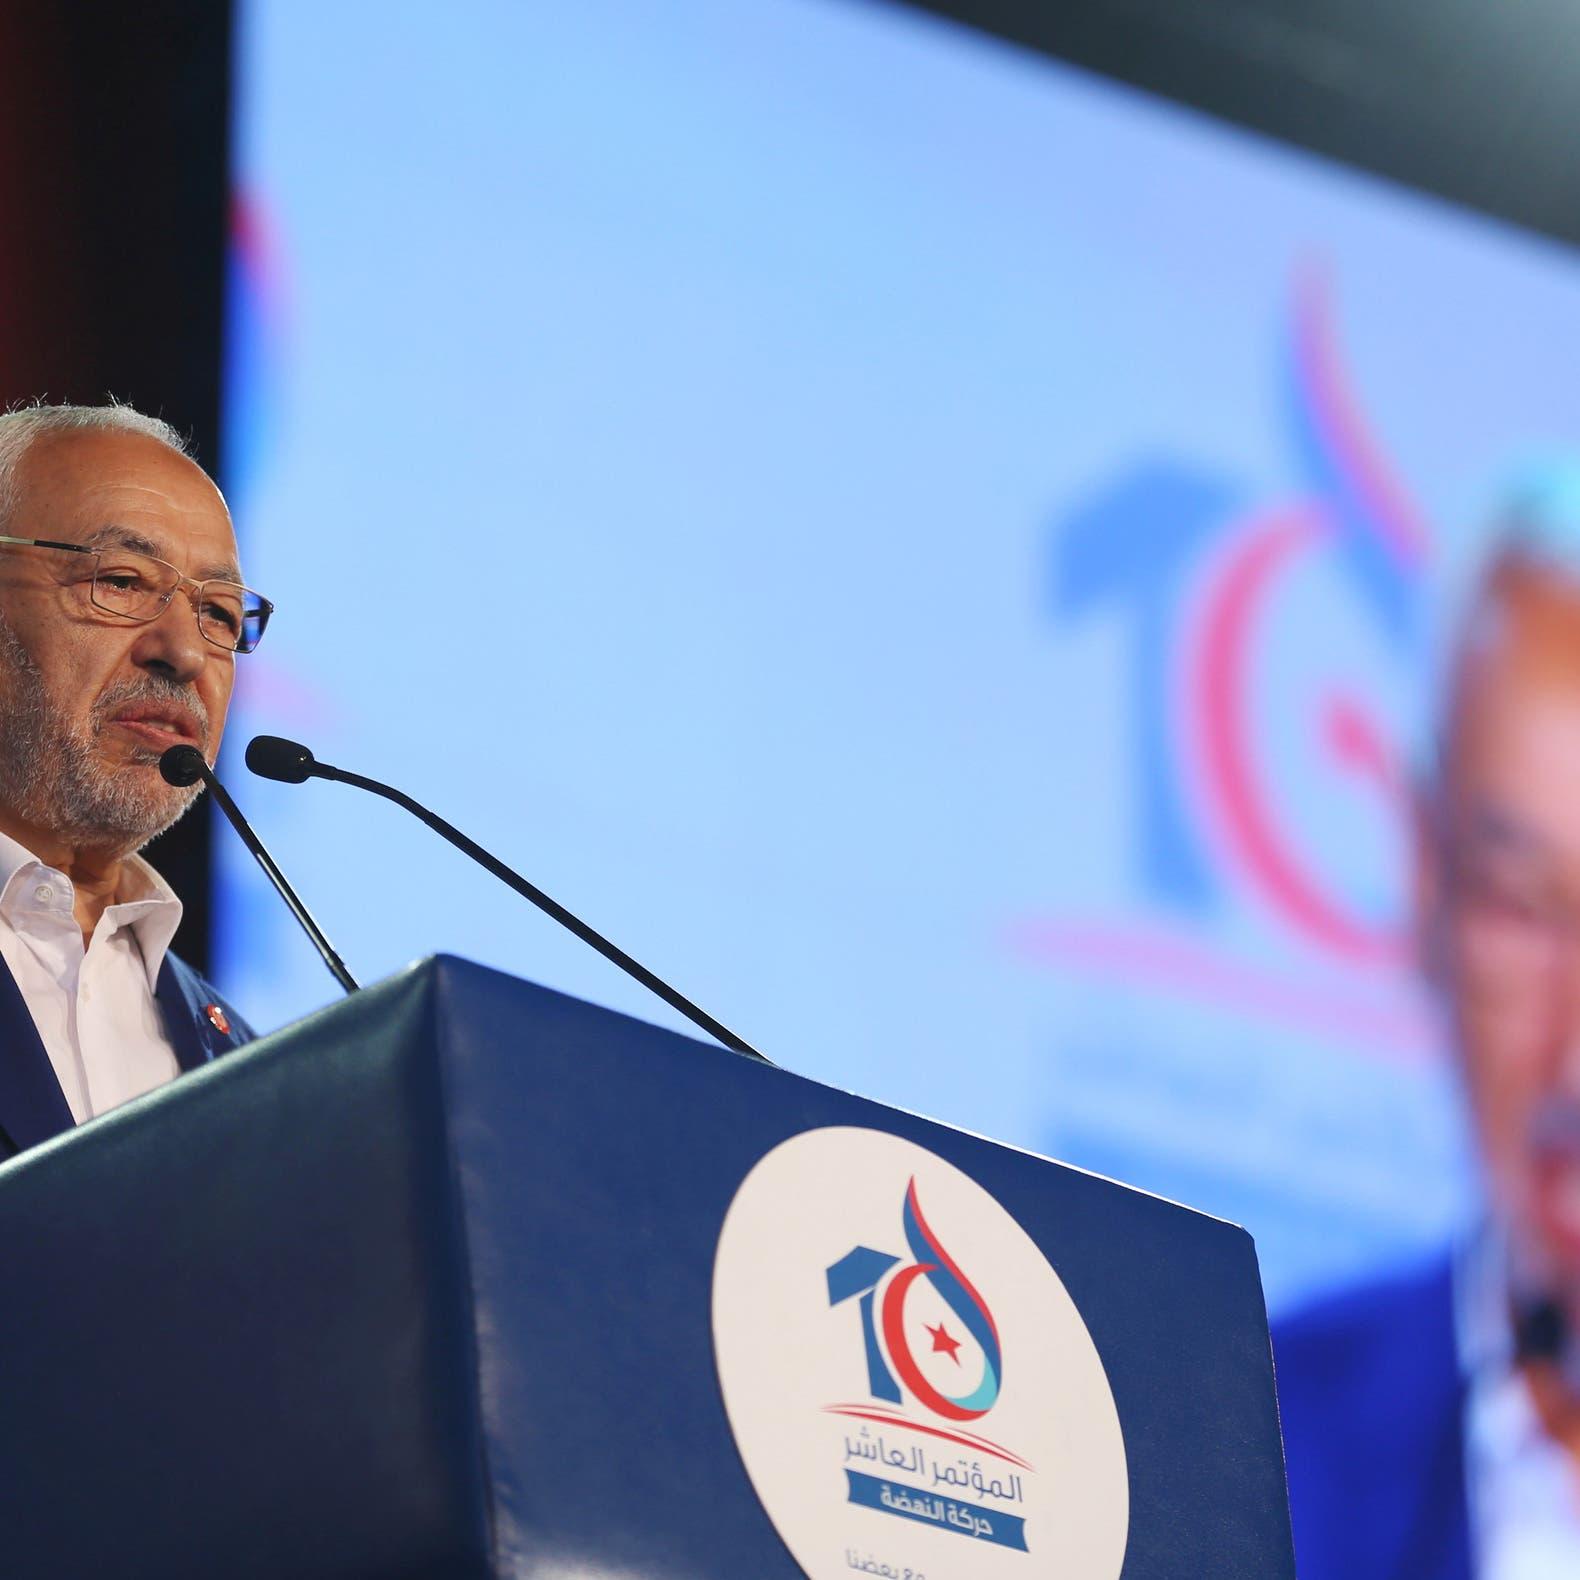 تصريح يعمق الخلاف.. الغنوشي: دور الرئيس رمزي في تونس